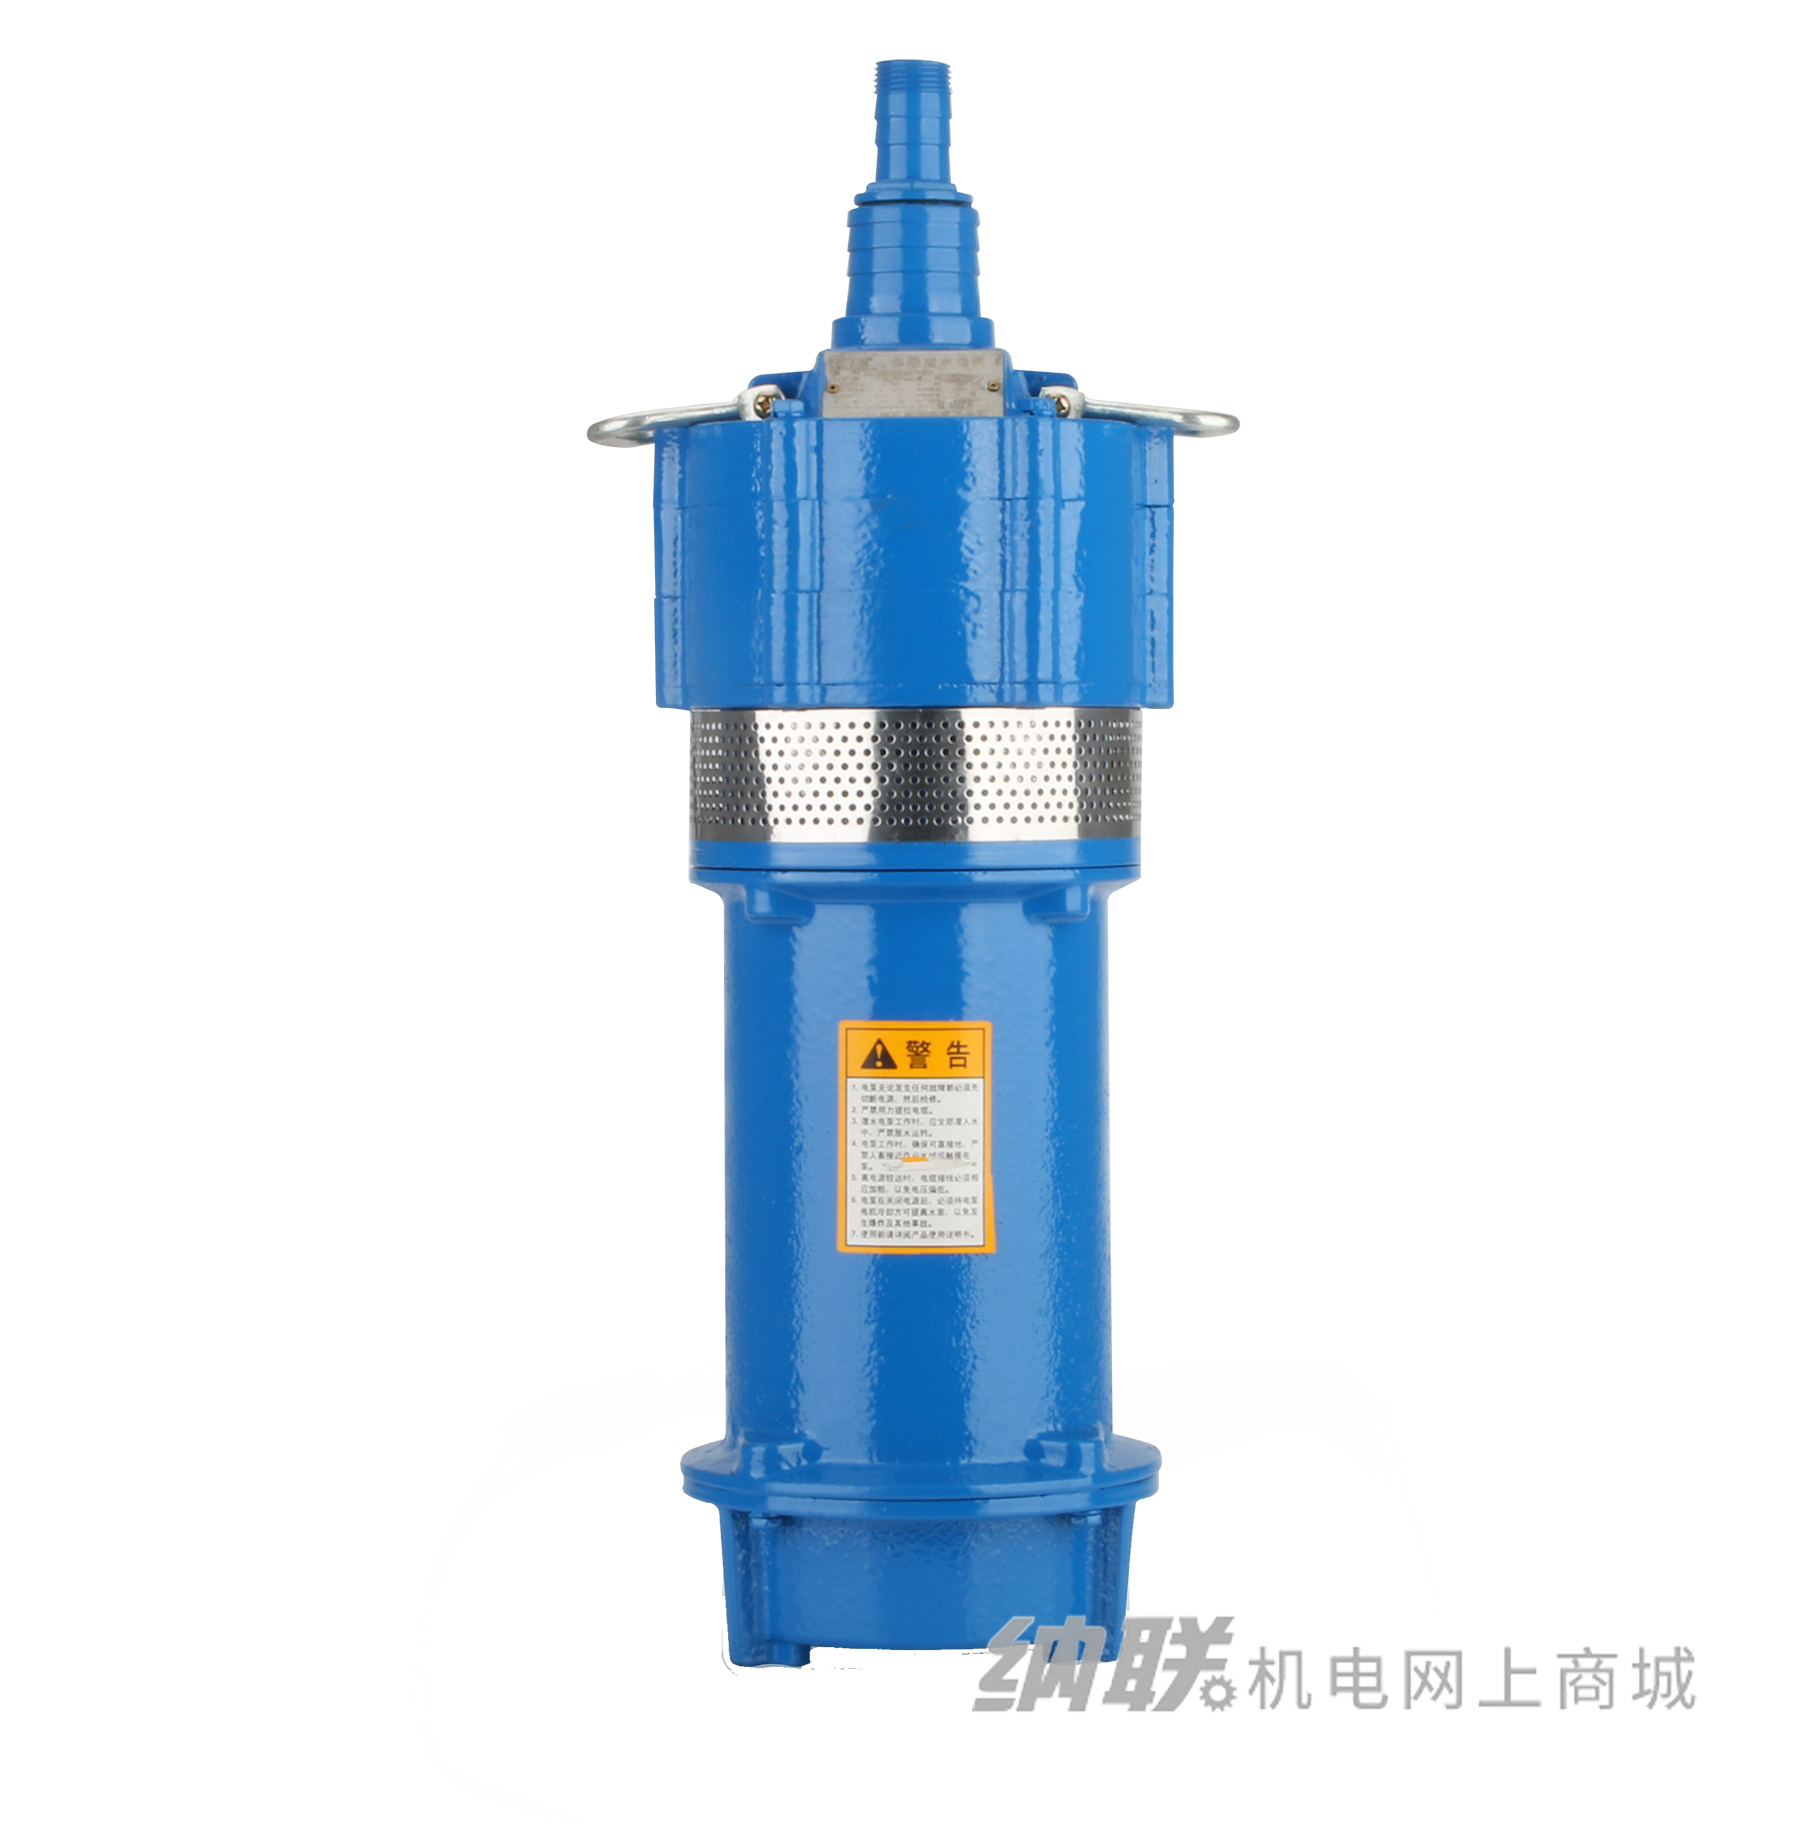 纳联机电 多级潜水泵-Q3-100/6-2.2